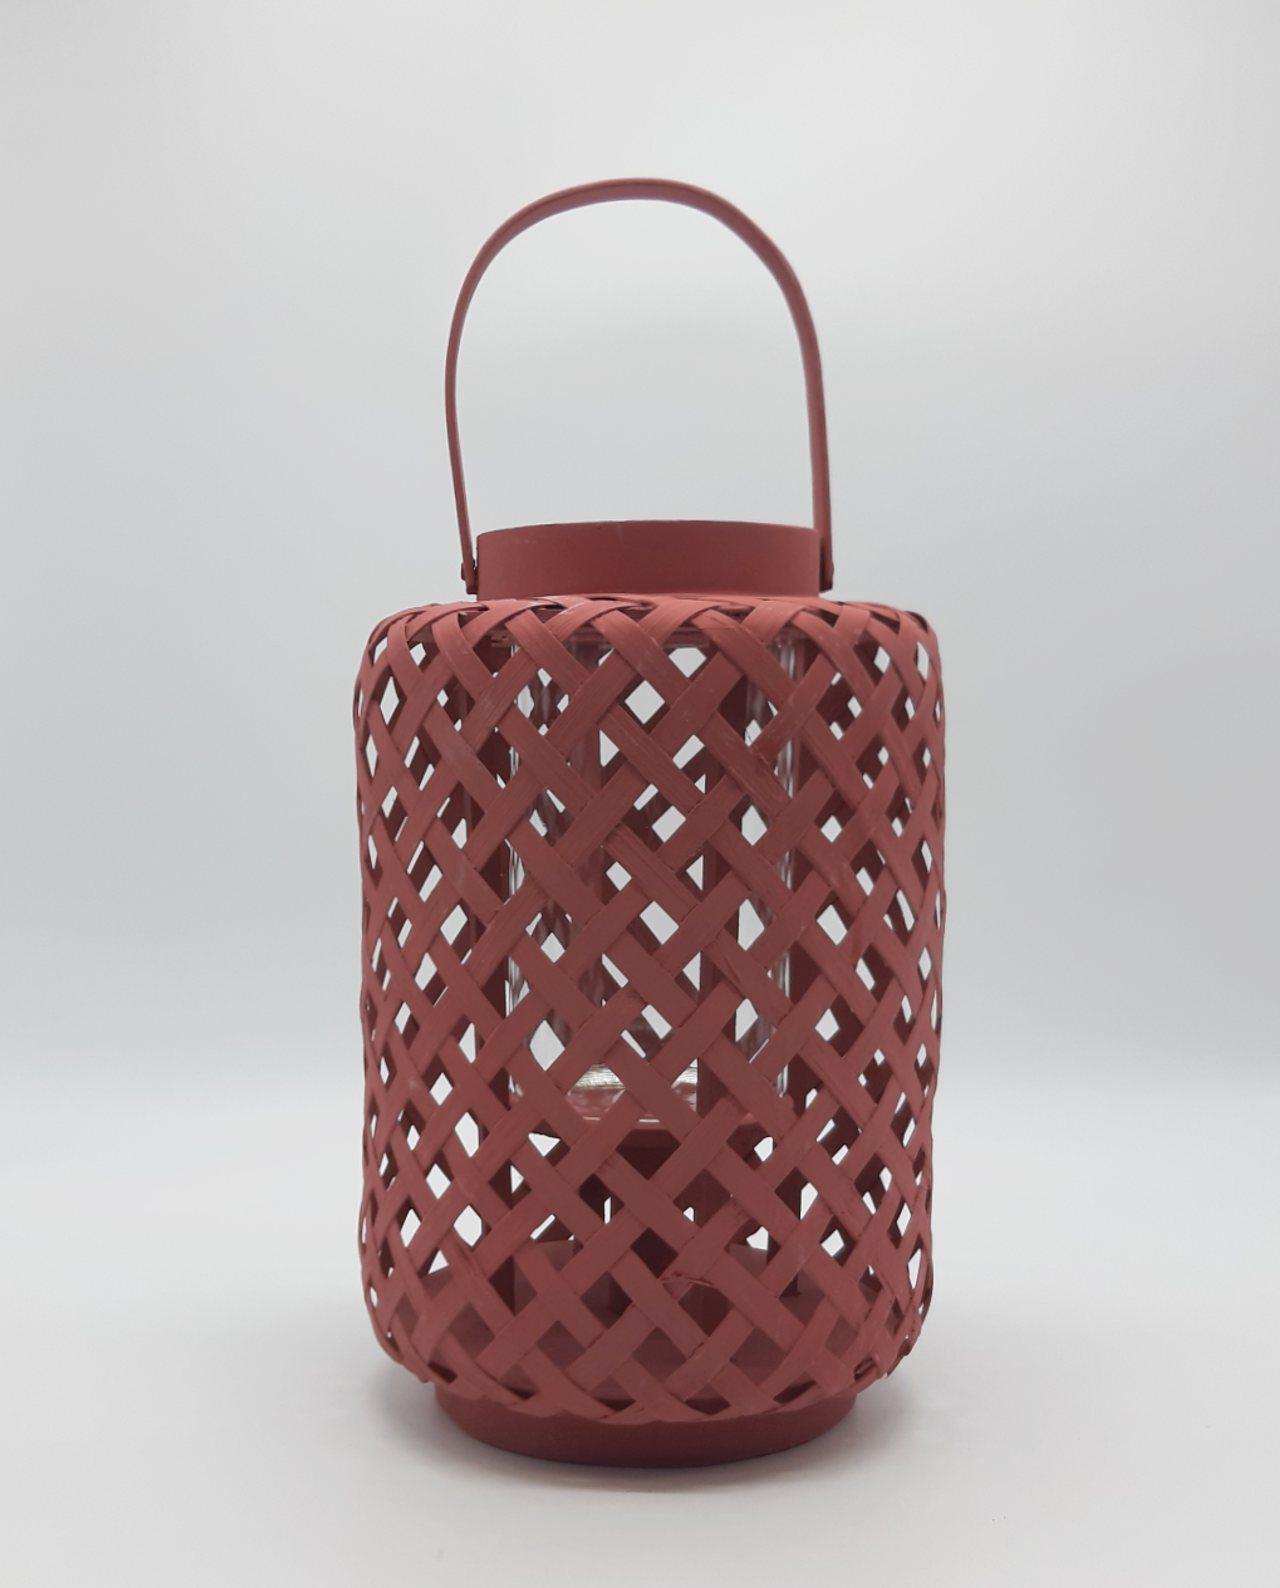 Φανάρι από μπαμπού με γυαλί, χρώμα magenta. Διάσταση: ύψους 30 cm, διαμέτρου 21 cm0 cm